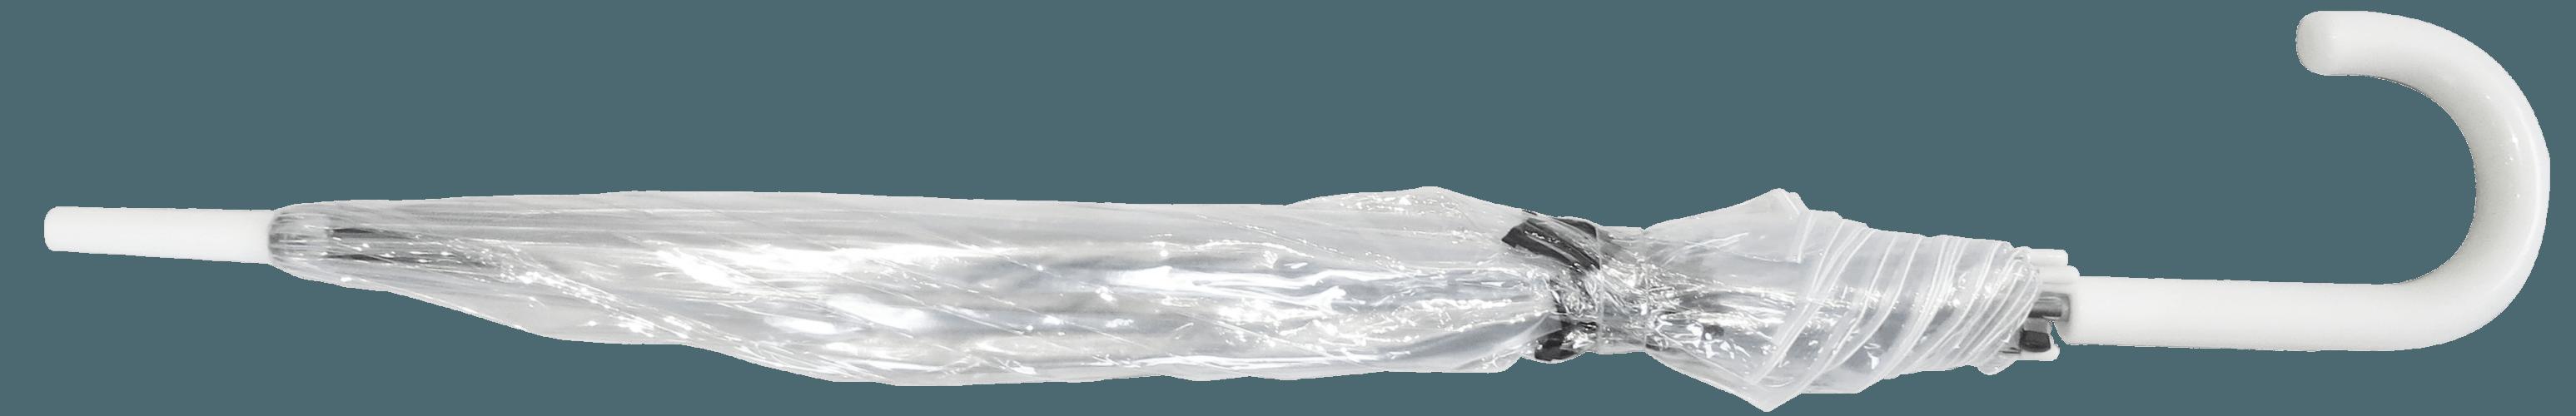 Paraguas transparente PVC personalizado paseo cerrado